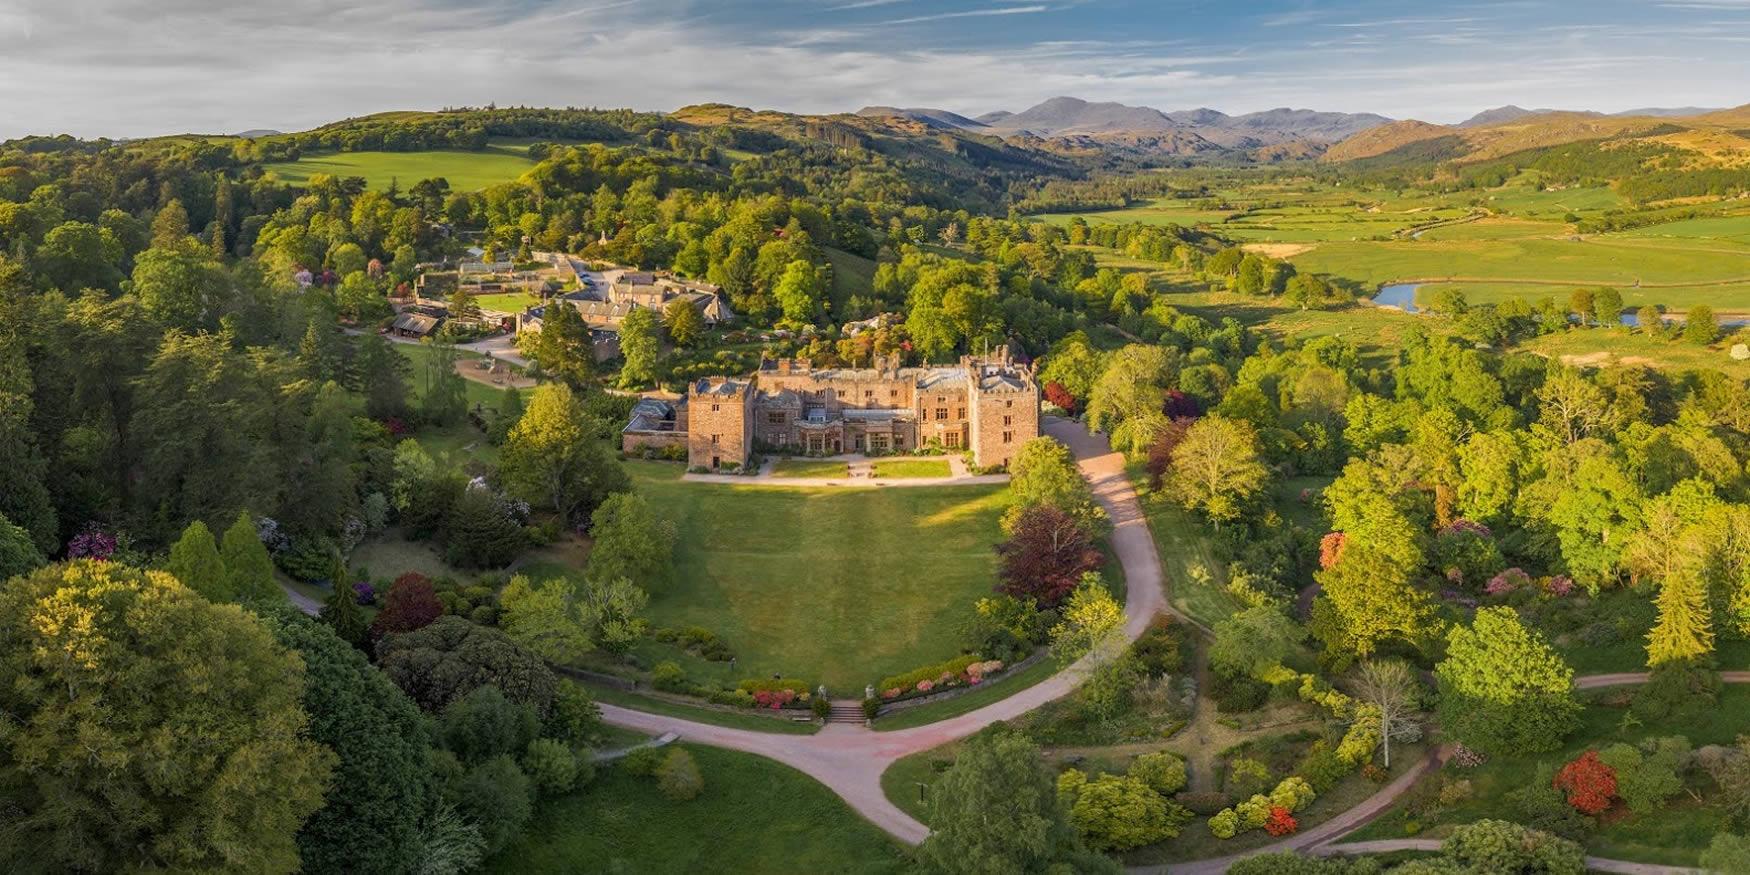 Muncaster Castle & Gardens